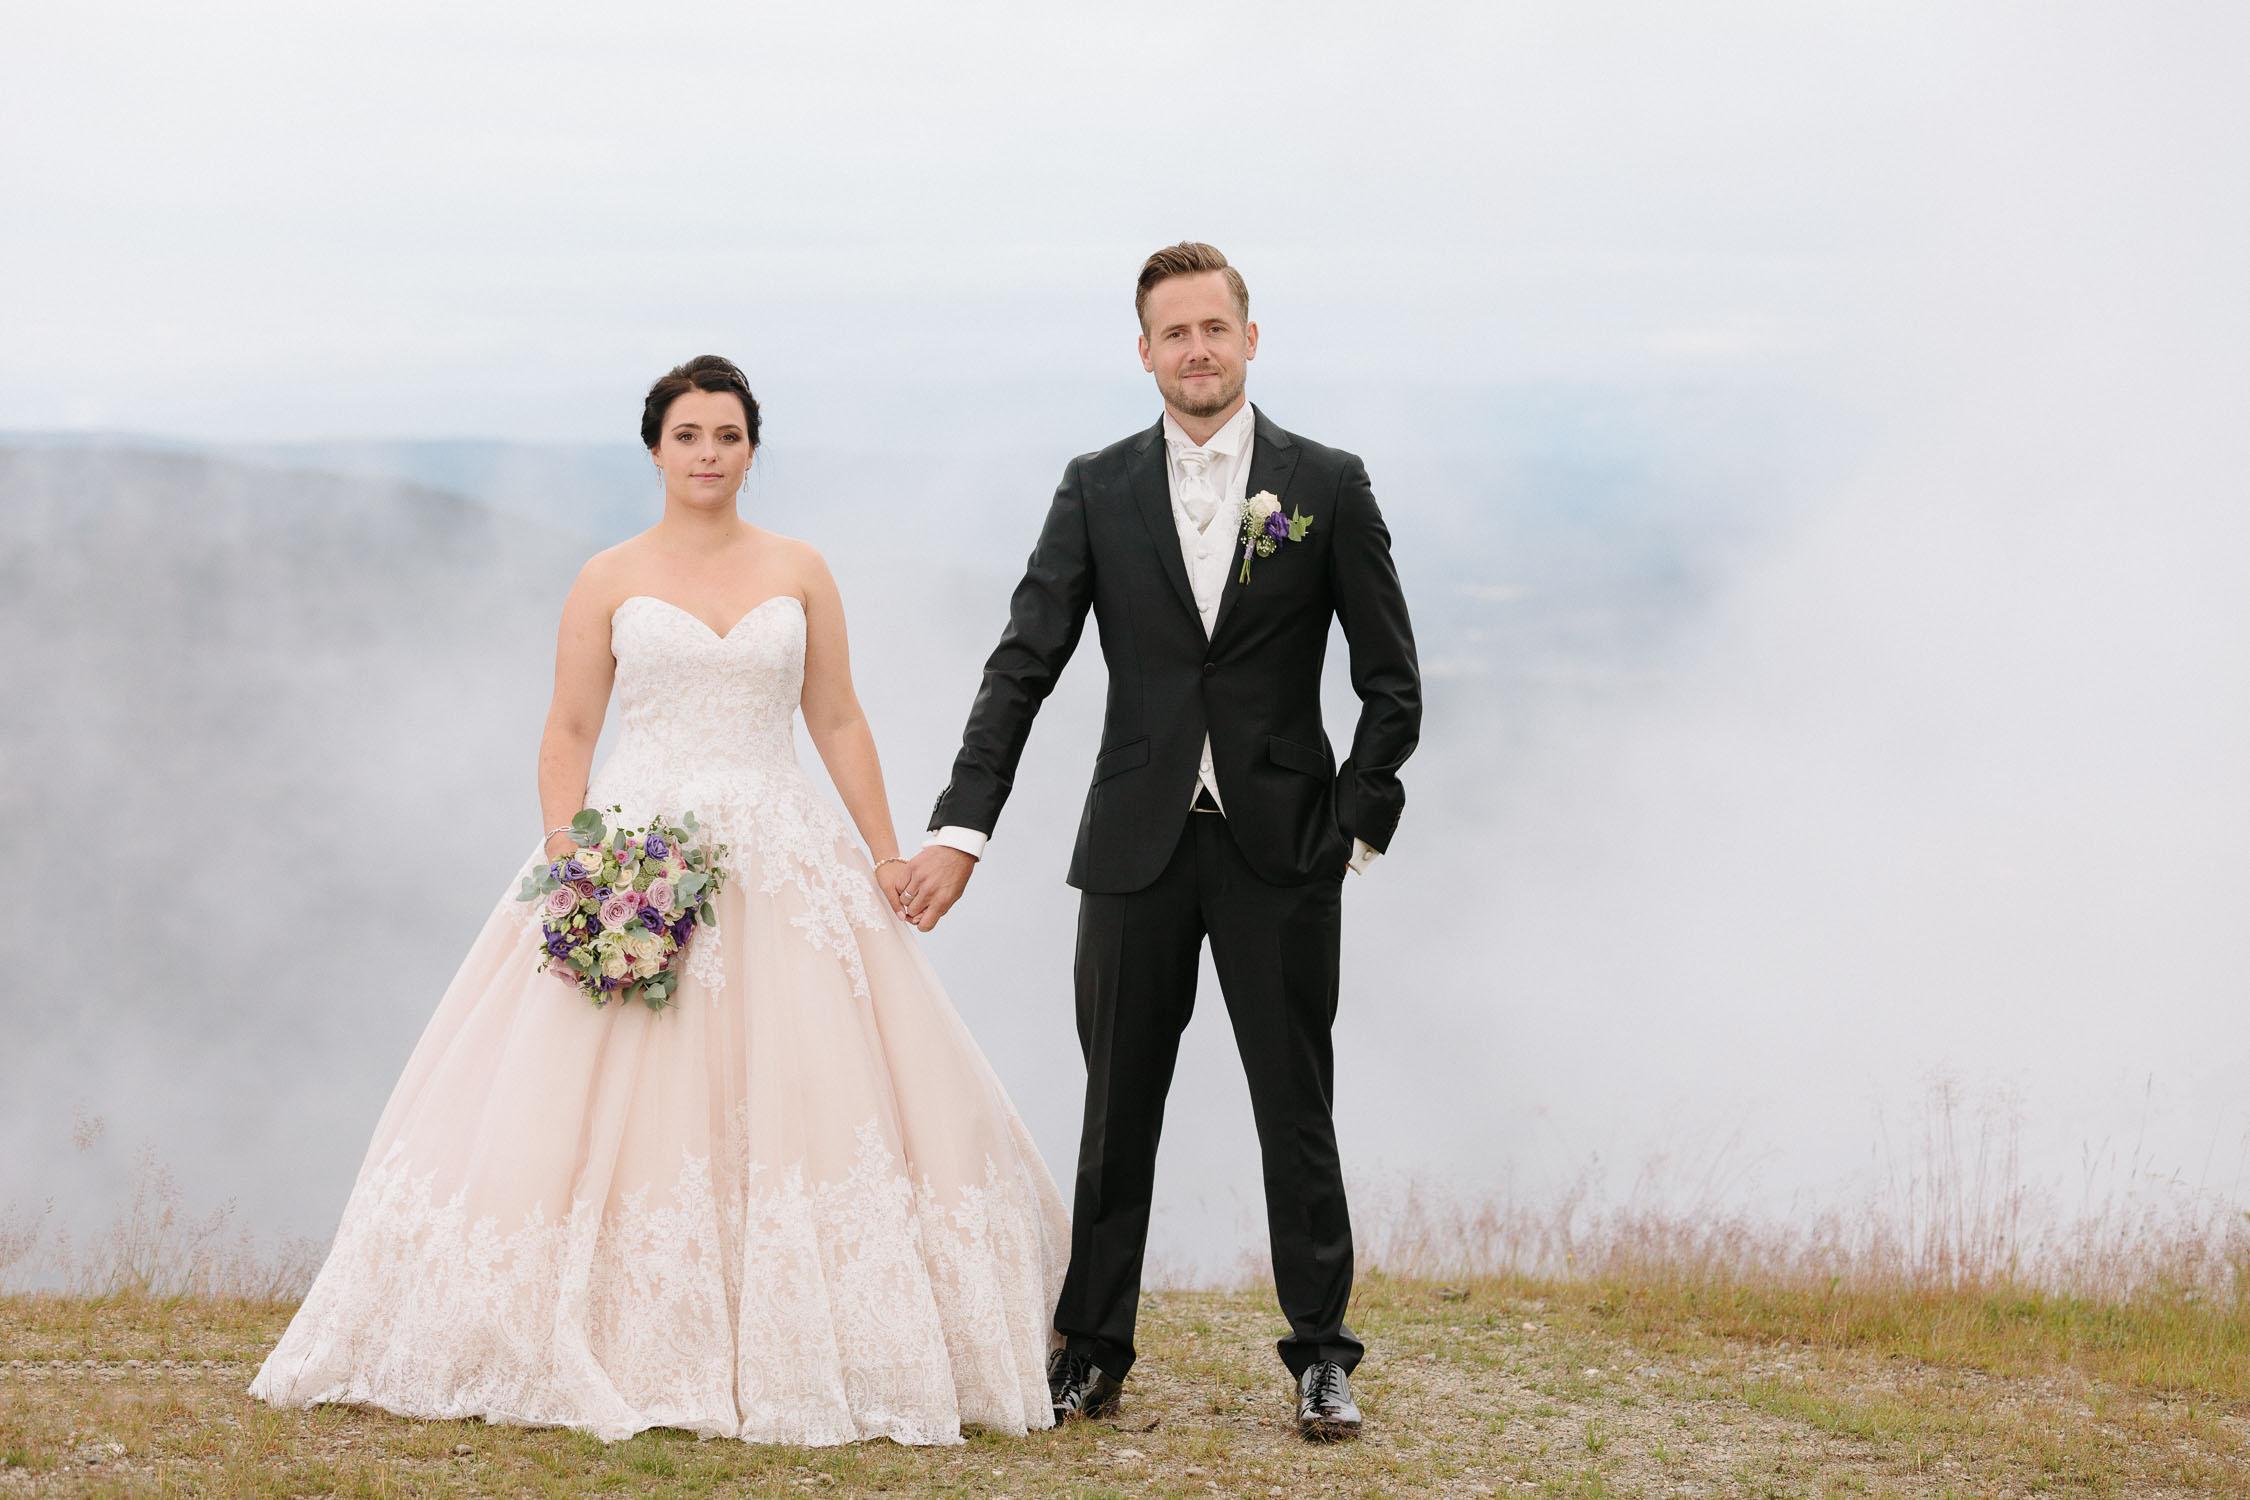 bryllup-bryllupsfotografering-bryllupsfotograf-sarpsborg-220160806-_MG_3664Bryllupsbilder-Tine-og-Thomas-Edit-2.jpg